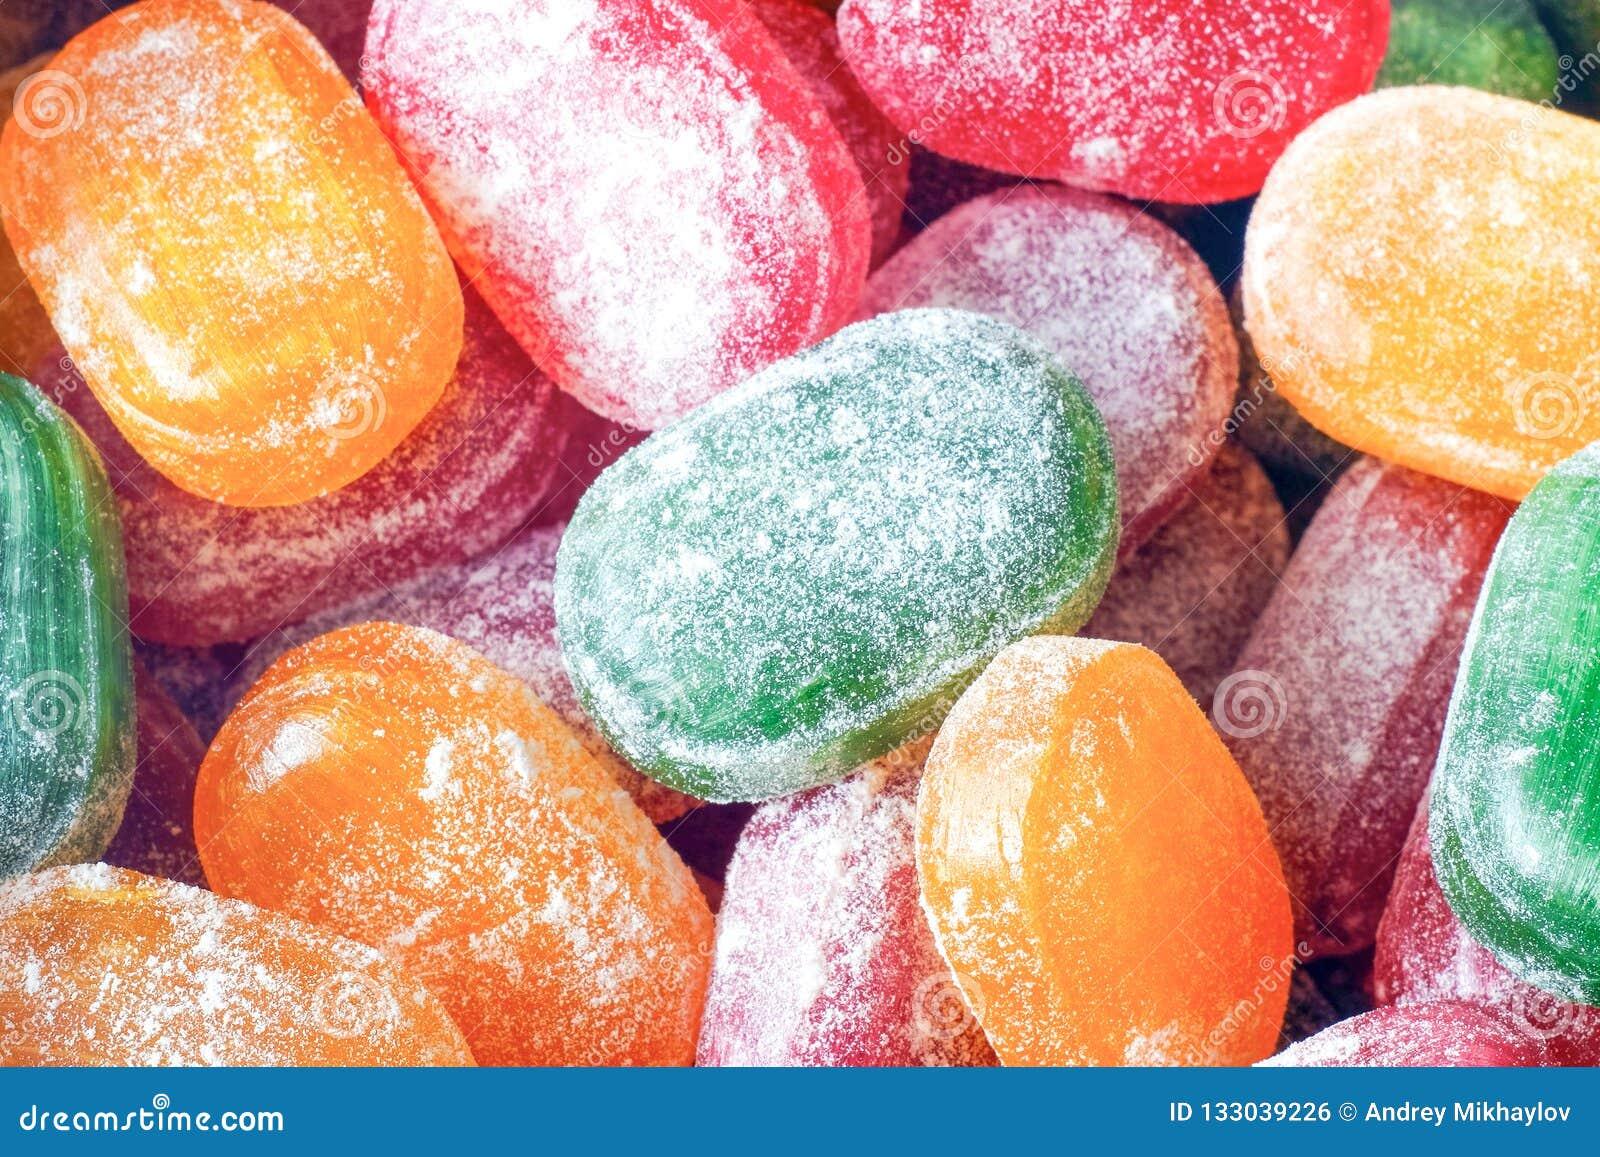 Um frasco de doces brilhantes A alegria das crianças, muitos doces Cores sortidos dos doces Caramelo no açúcar pulverizado